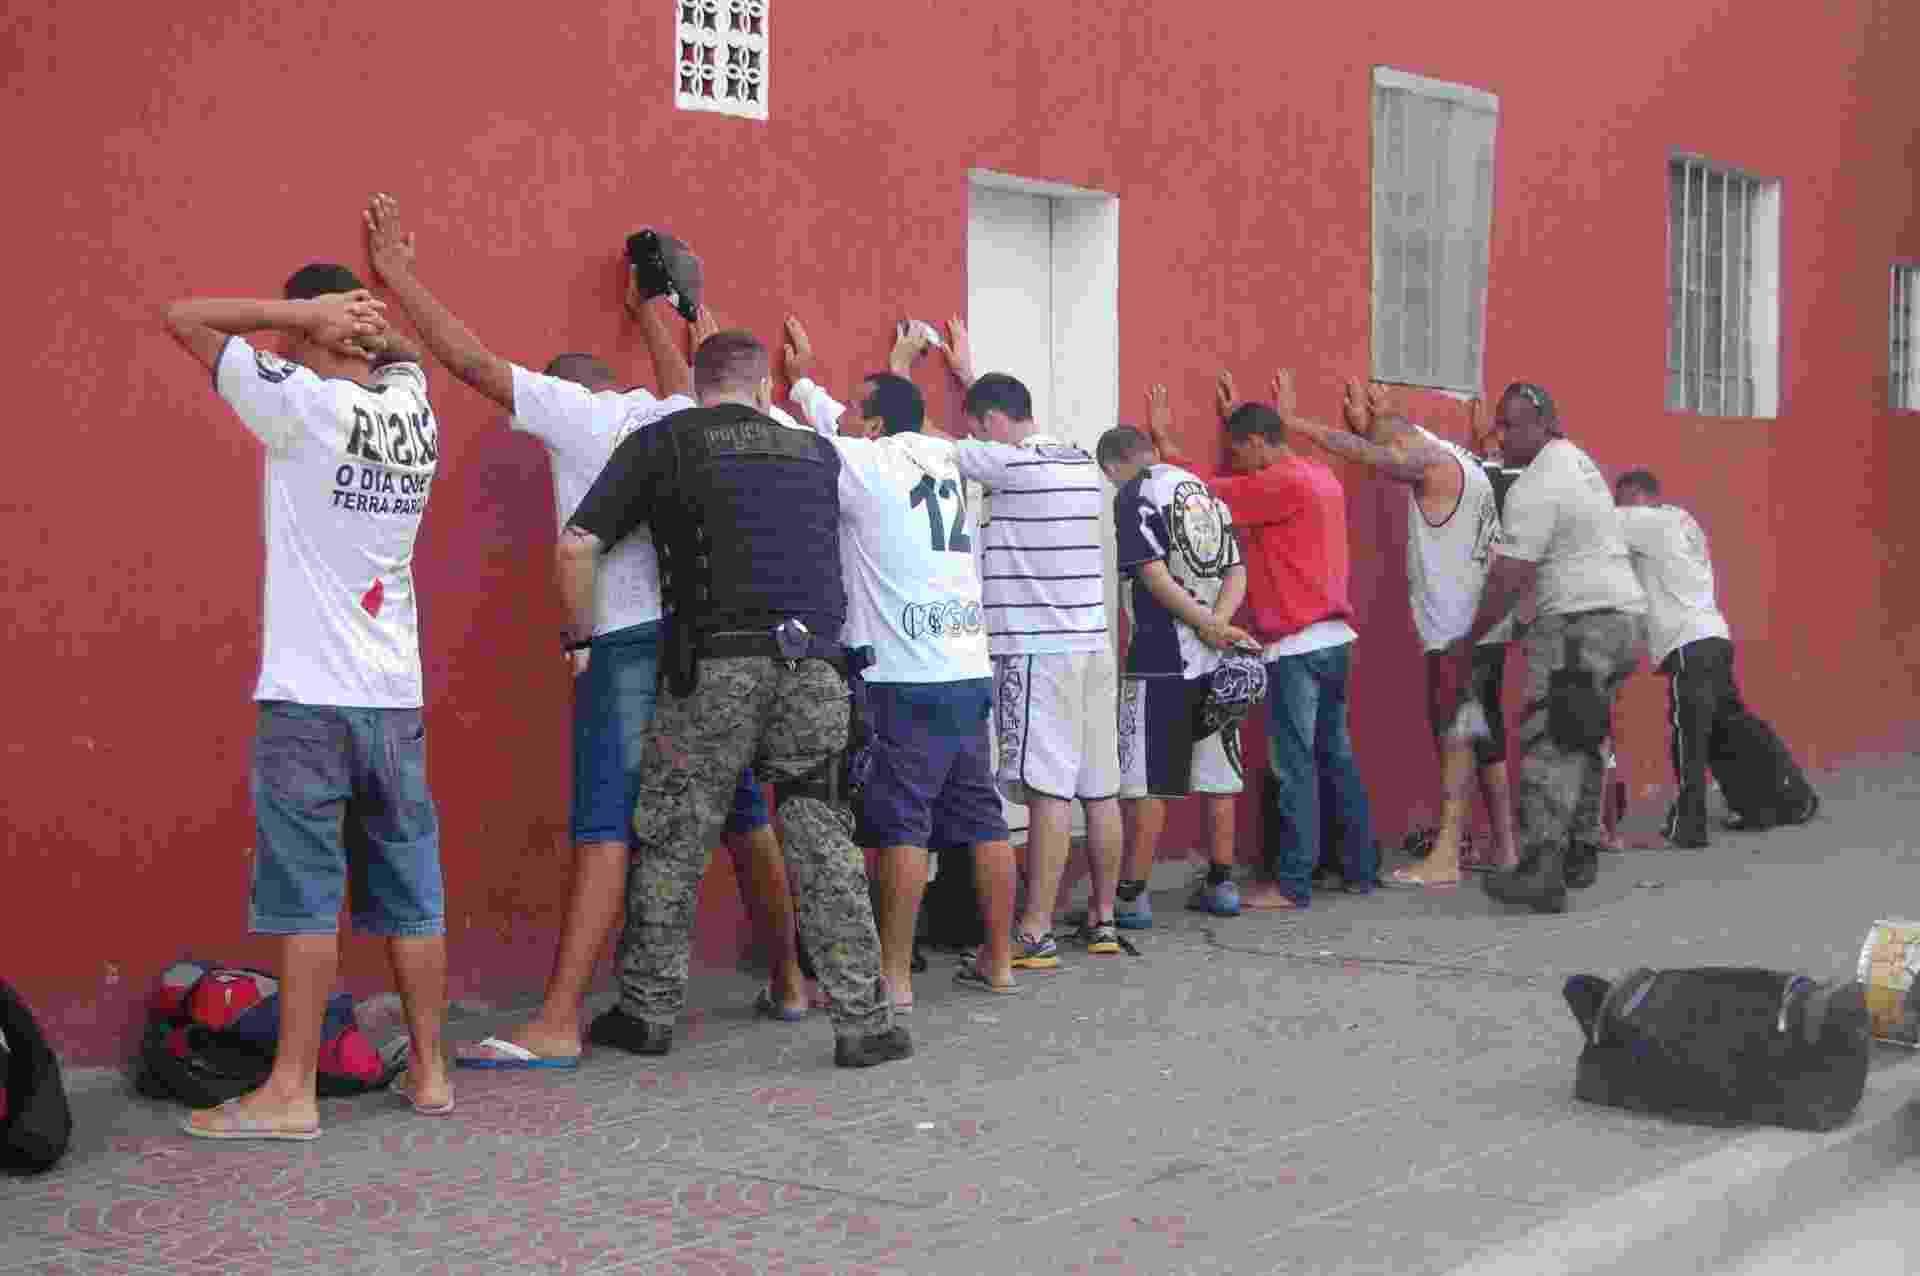 20.fev.2014 - A Polícia Civil de São Paulo deteve na manhã desta quinta-feira (20) ao menos dez torcedores suspeitos da invasão do Centro de Treinamento do Corinthians, ocorrida no início do mês. Nove dos suspeitos foram levados à sede do Departamento de Homicídios e Proteção à Pessoa (DHPP) para averiguação e um deles foi preso e algemado por porte de arma, um revólver calibre 38. - HÉLIO TORCHI/ESTADÃO CONTEÚDO